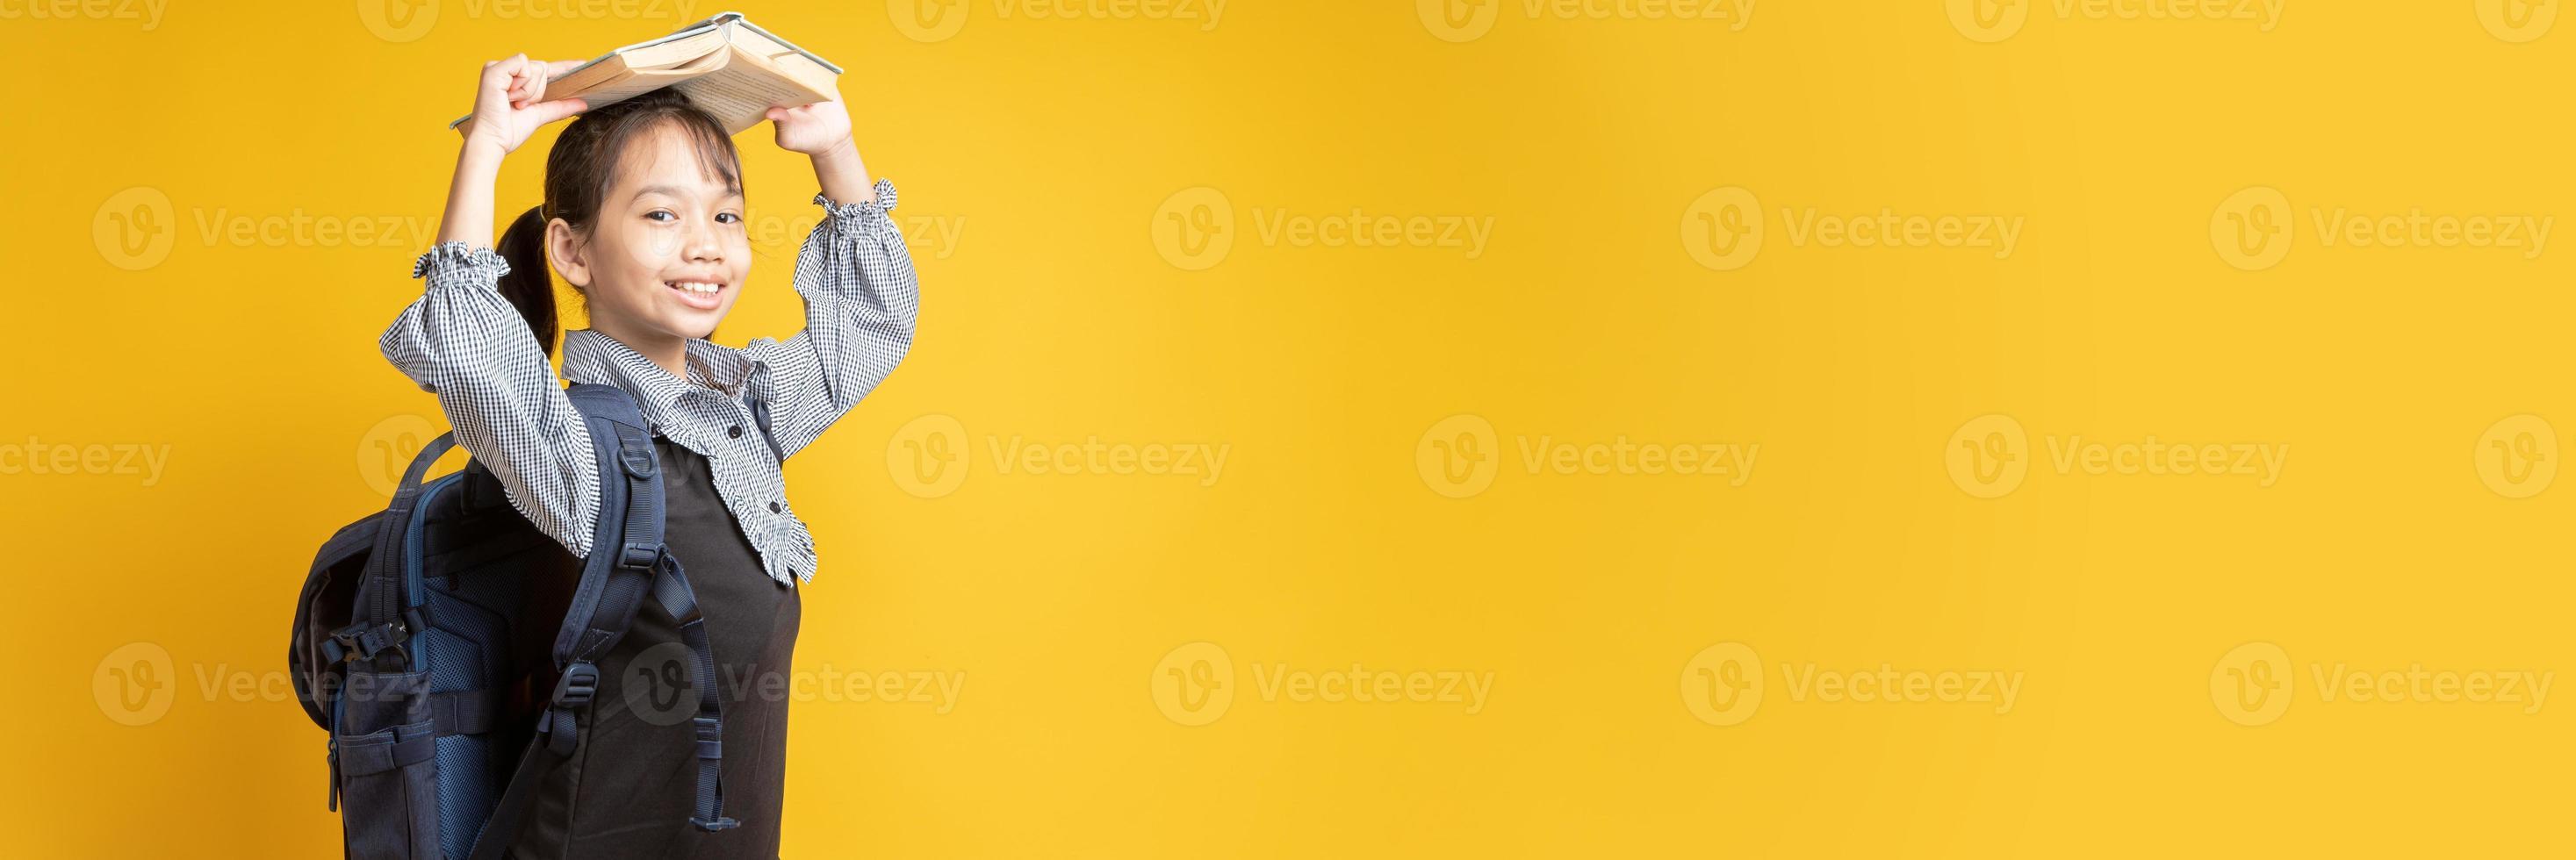 jovem tailandesa usando mochila e segurando um livro na cabeça, olhando para a câmera com fundo amarelo foto